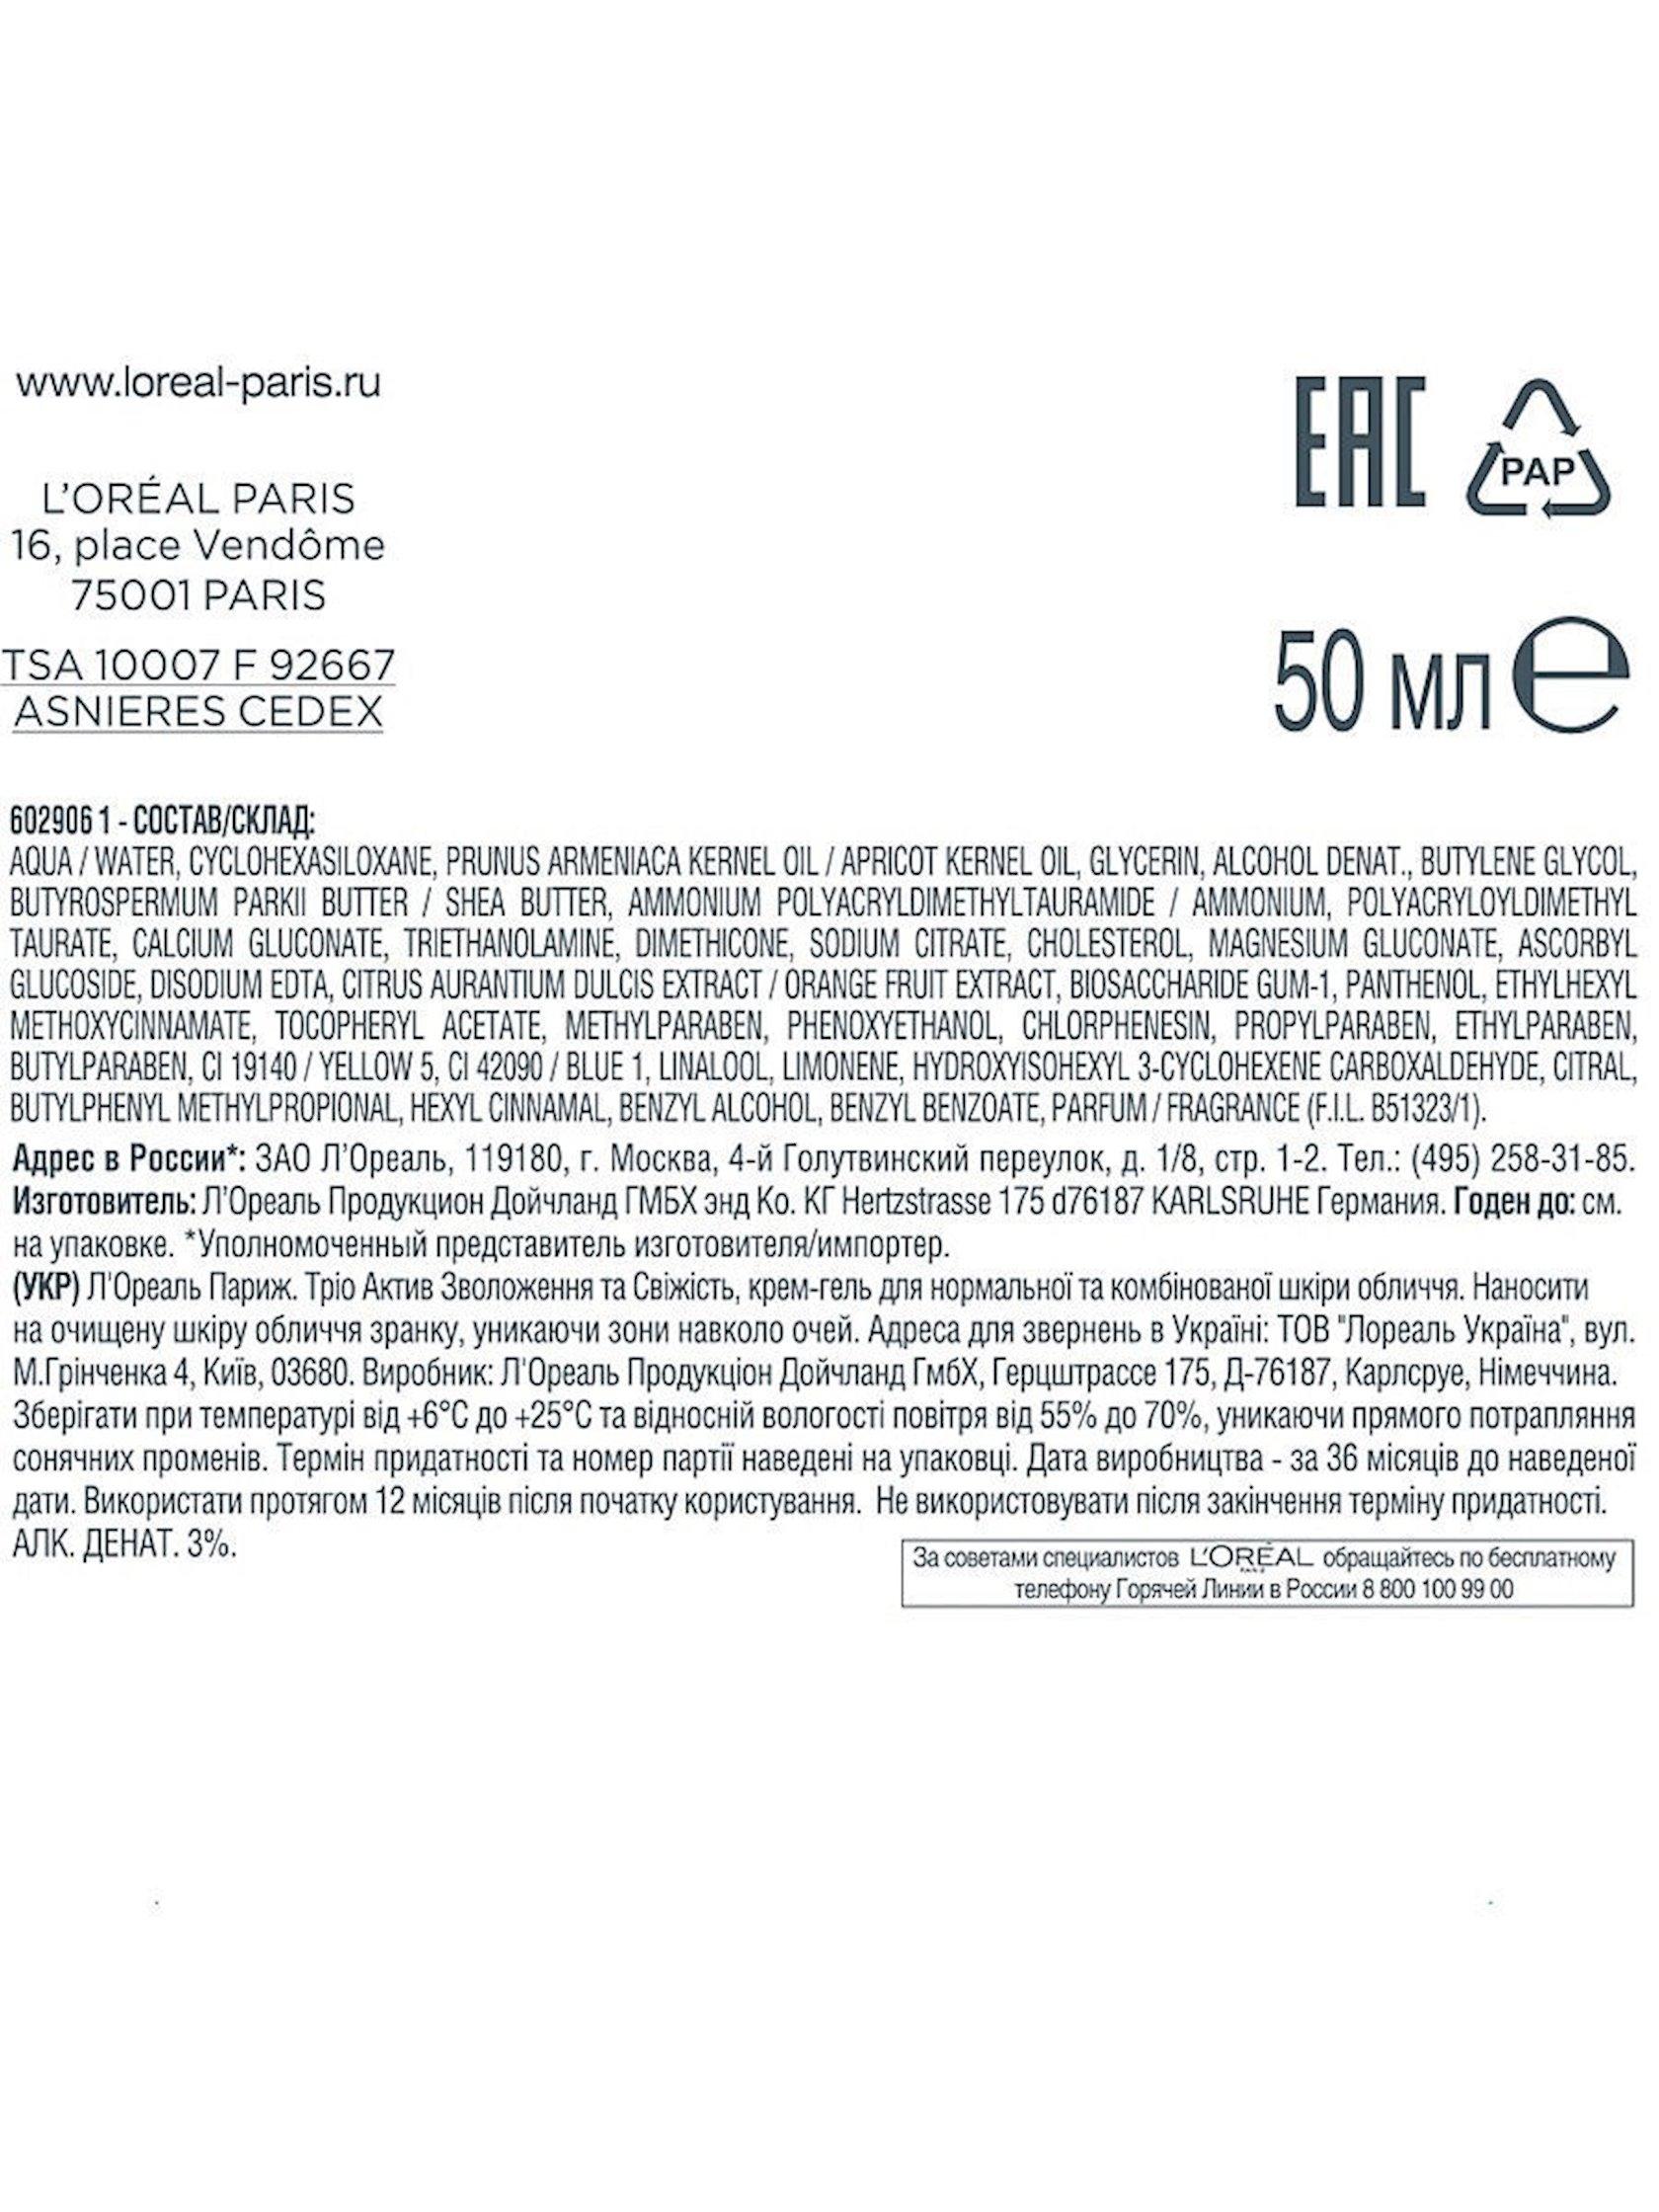 Gel-krem L'Oreal Paris Trio Aktiv Nəmləndirmə və təravət Normal və qarışıq dəri üçün 50 ml